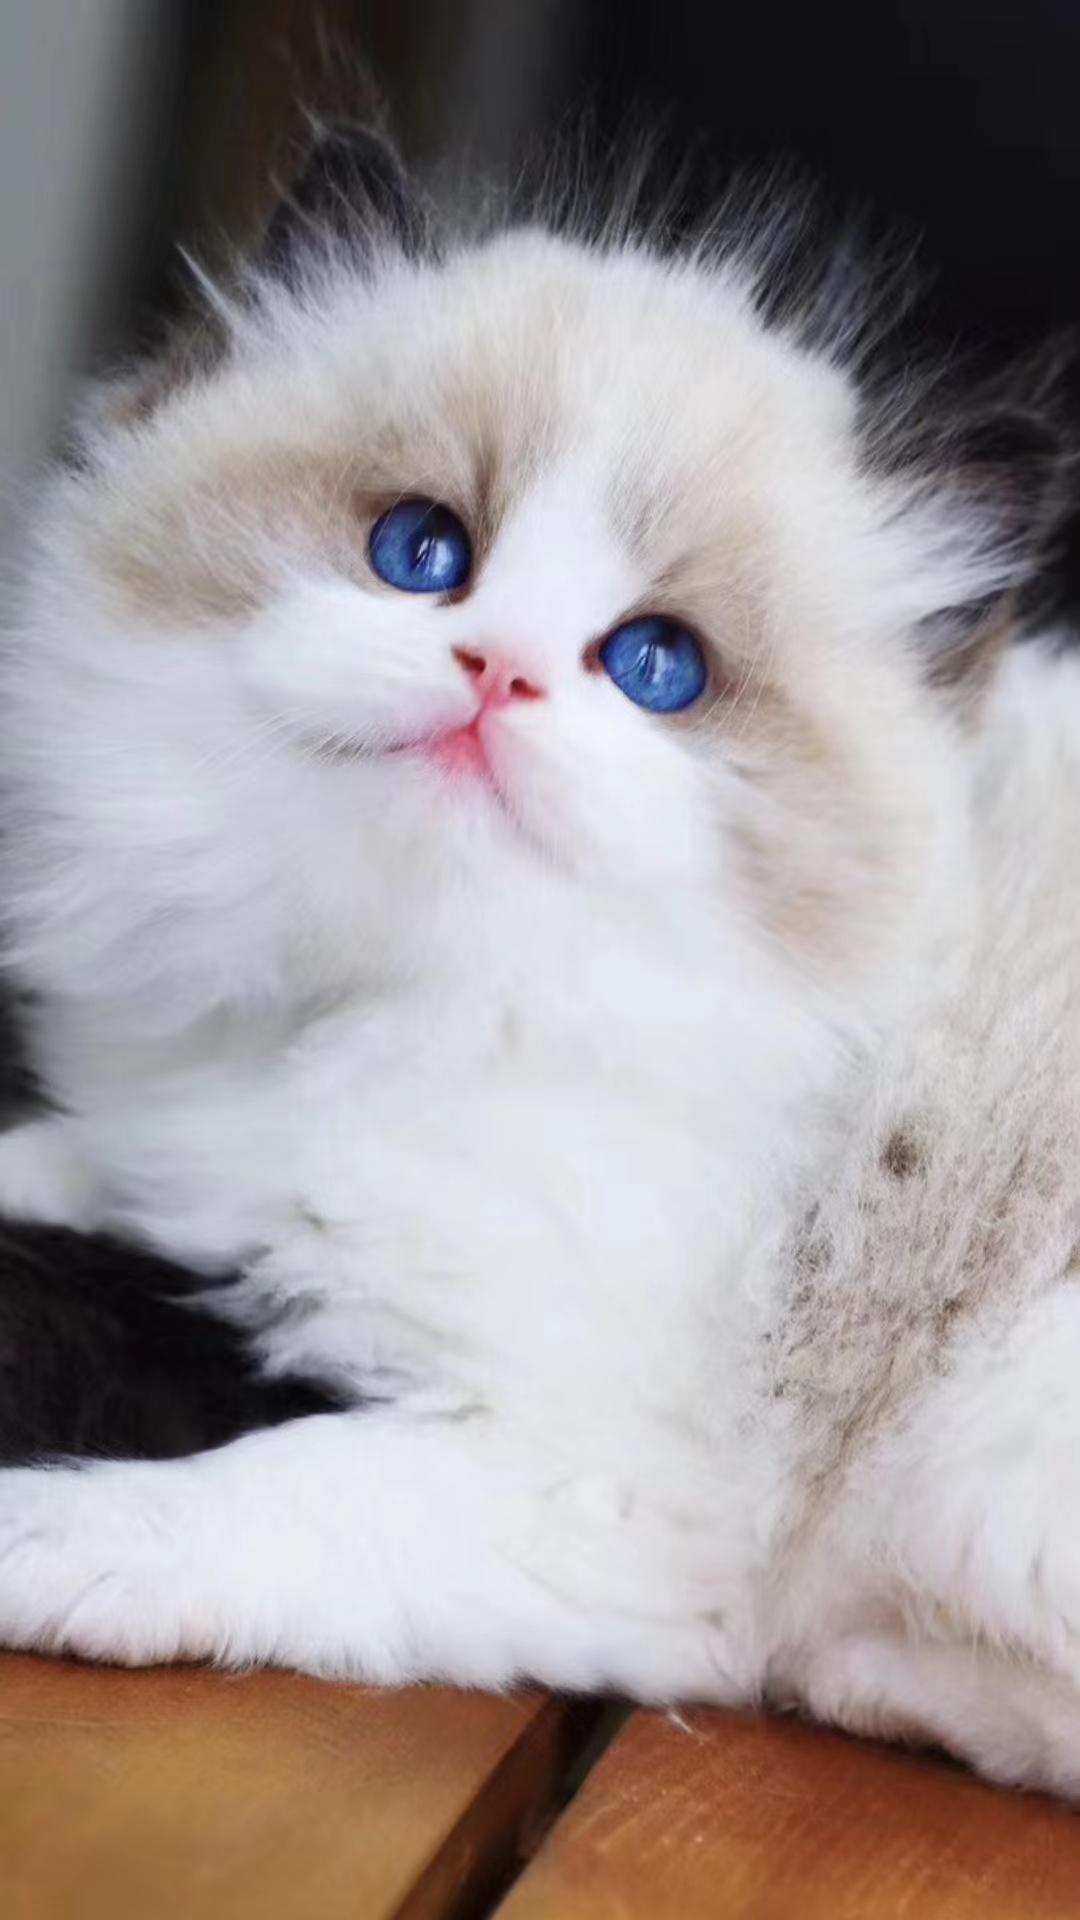 自己养的大猫生了好几只,找不了那么多小可爱